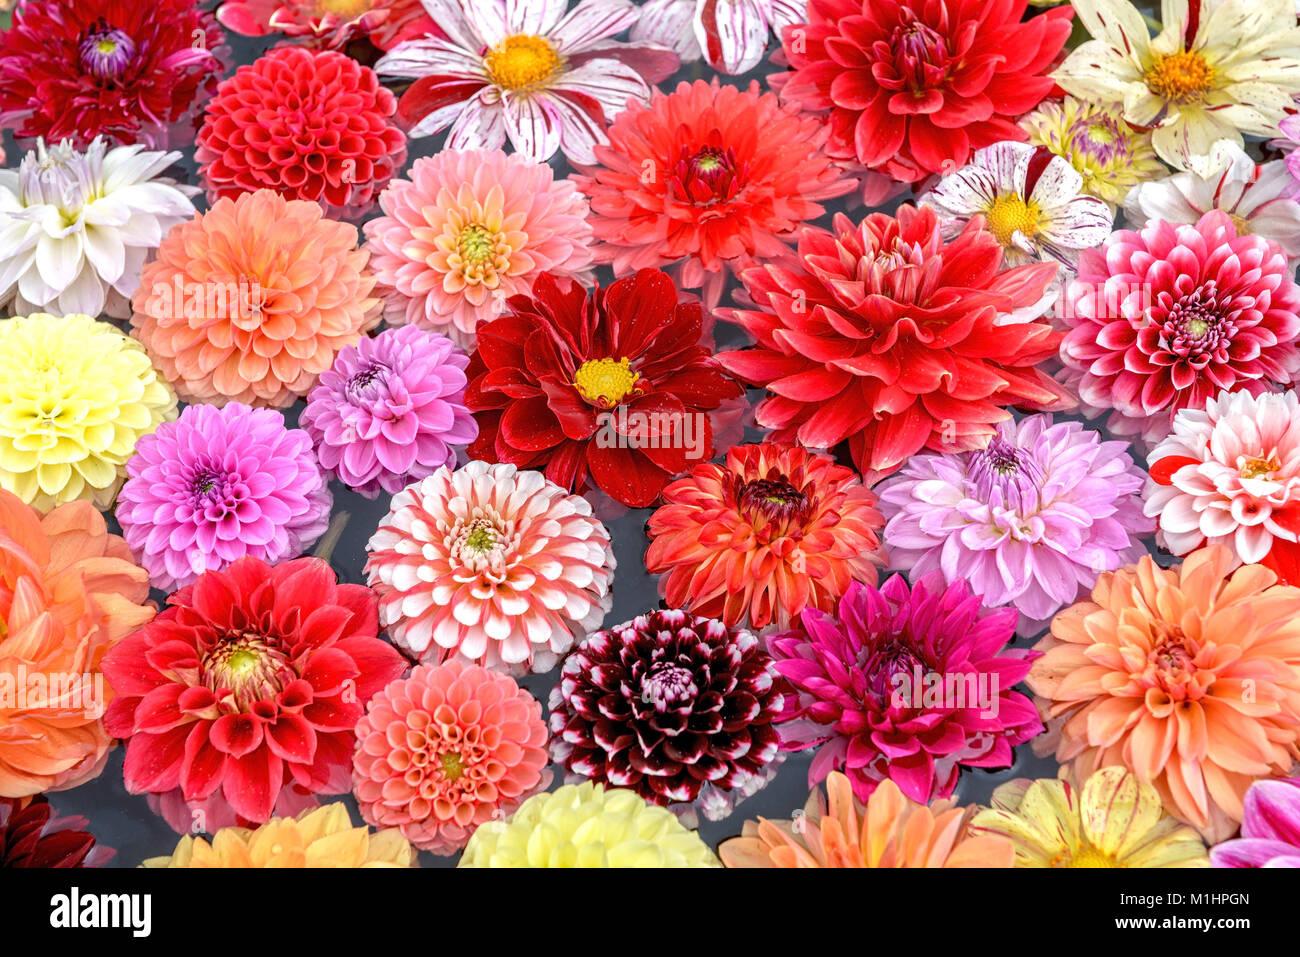 Dahlia (Dahlia i.S.), Dahlie (Dahlia i.S.) Stock Photo